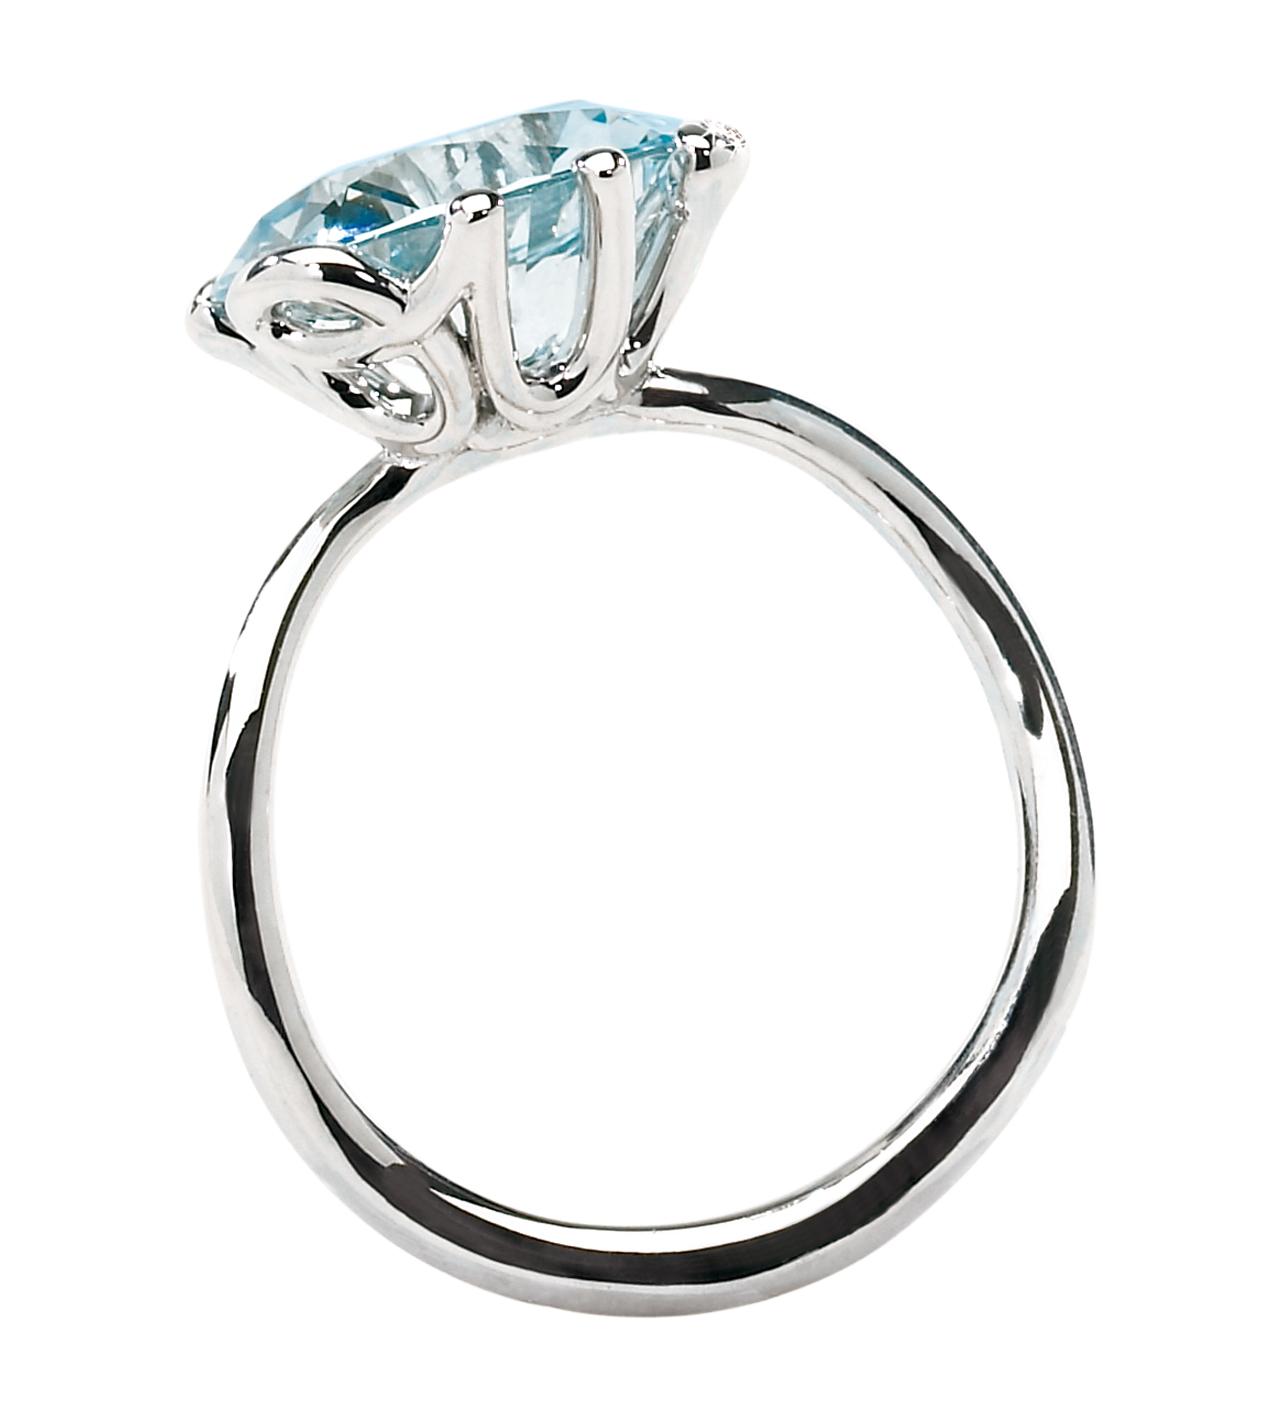 Extrêmement Tendances bagues de fiançailles 2012 | Tout pour mon mariage YI65